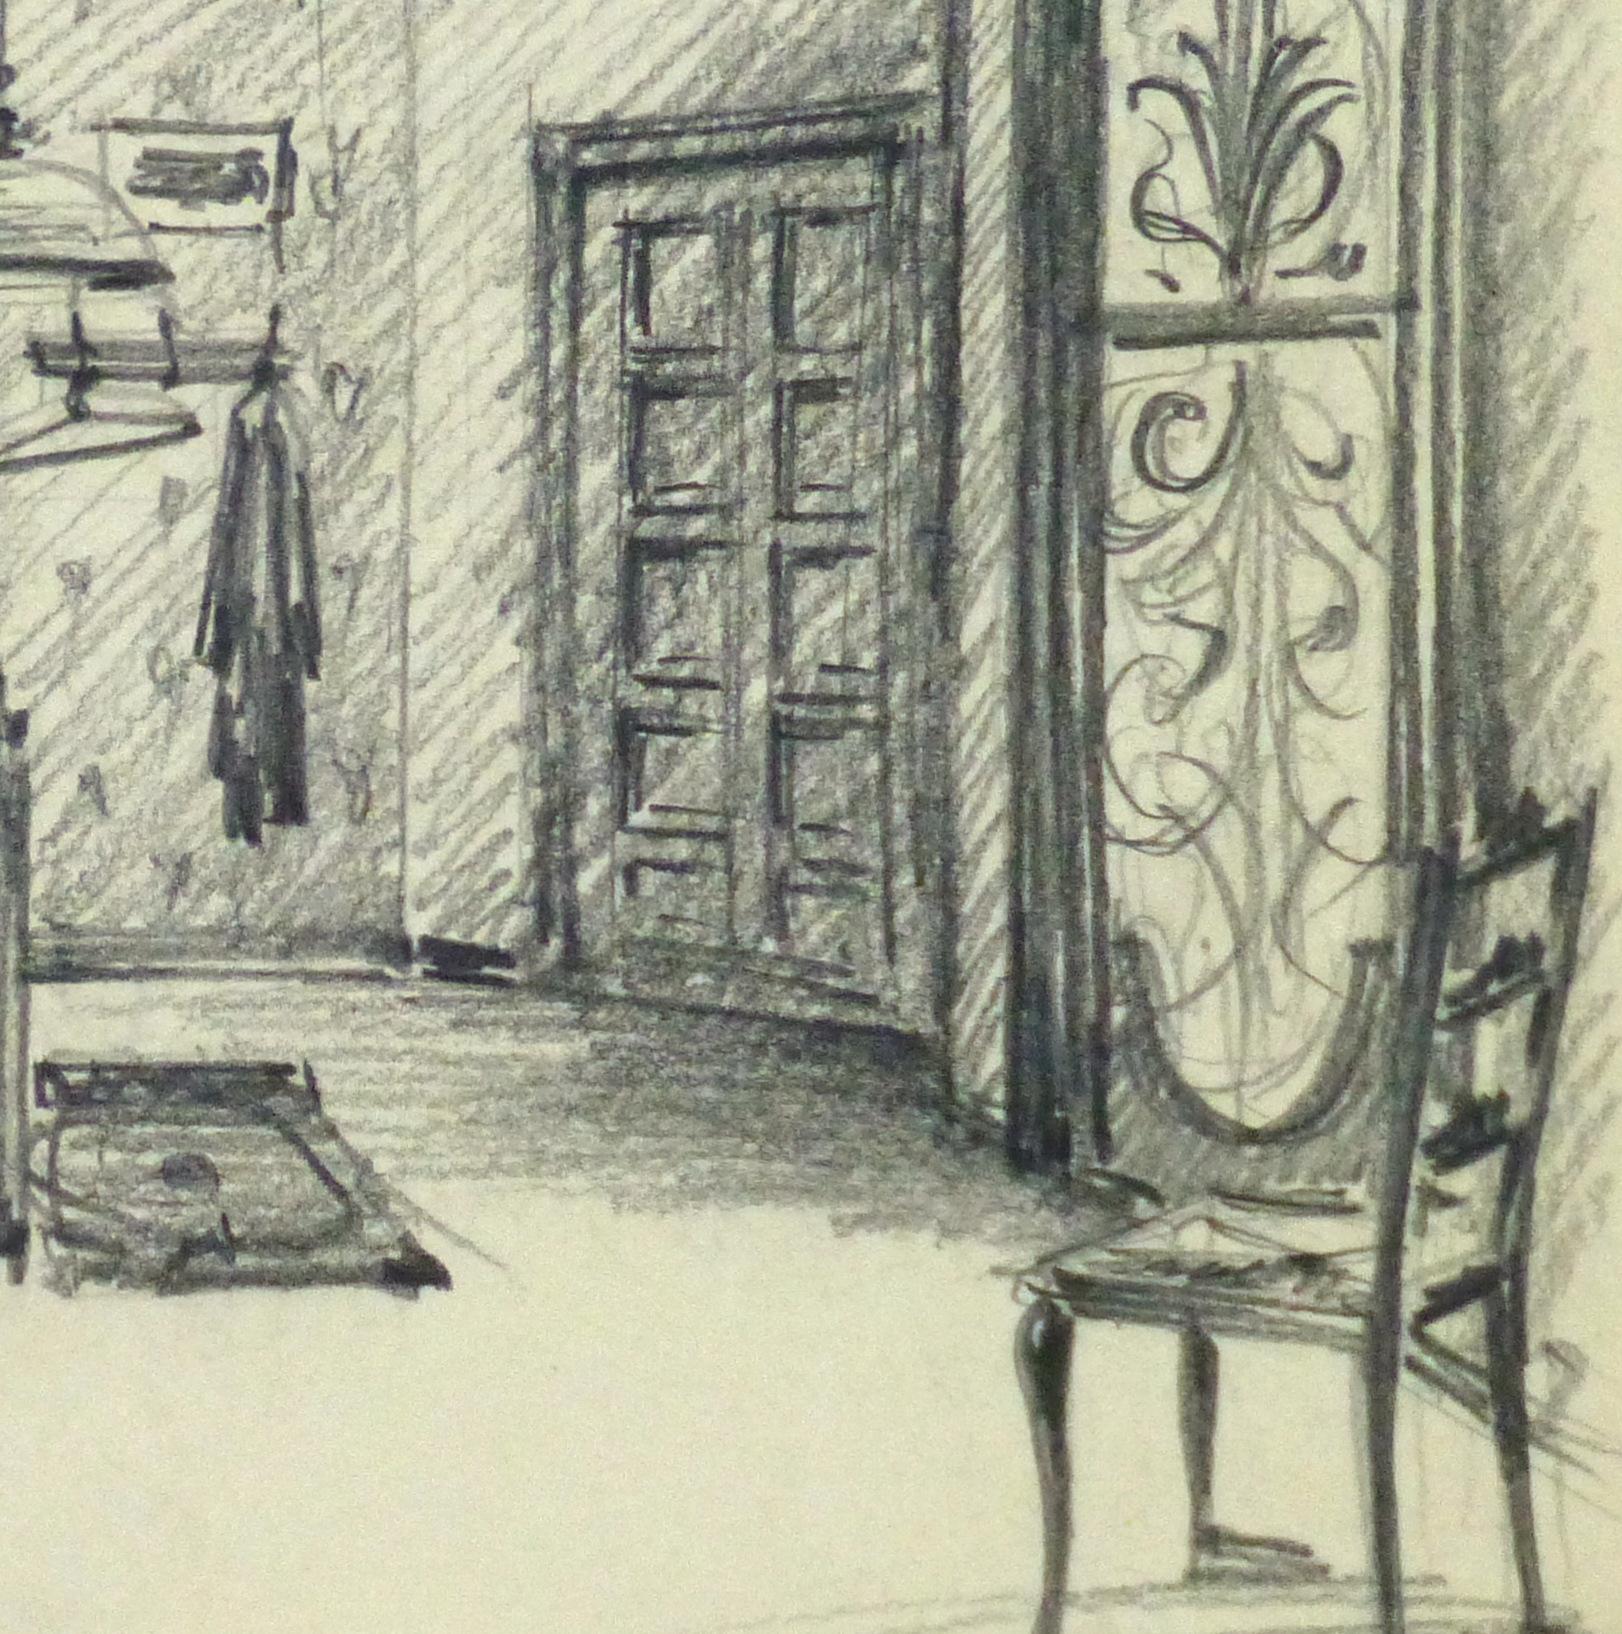 Pencil Drawing Bedroom Interior, Circa 1950